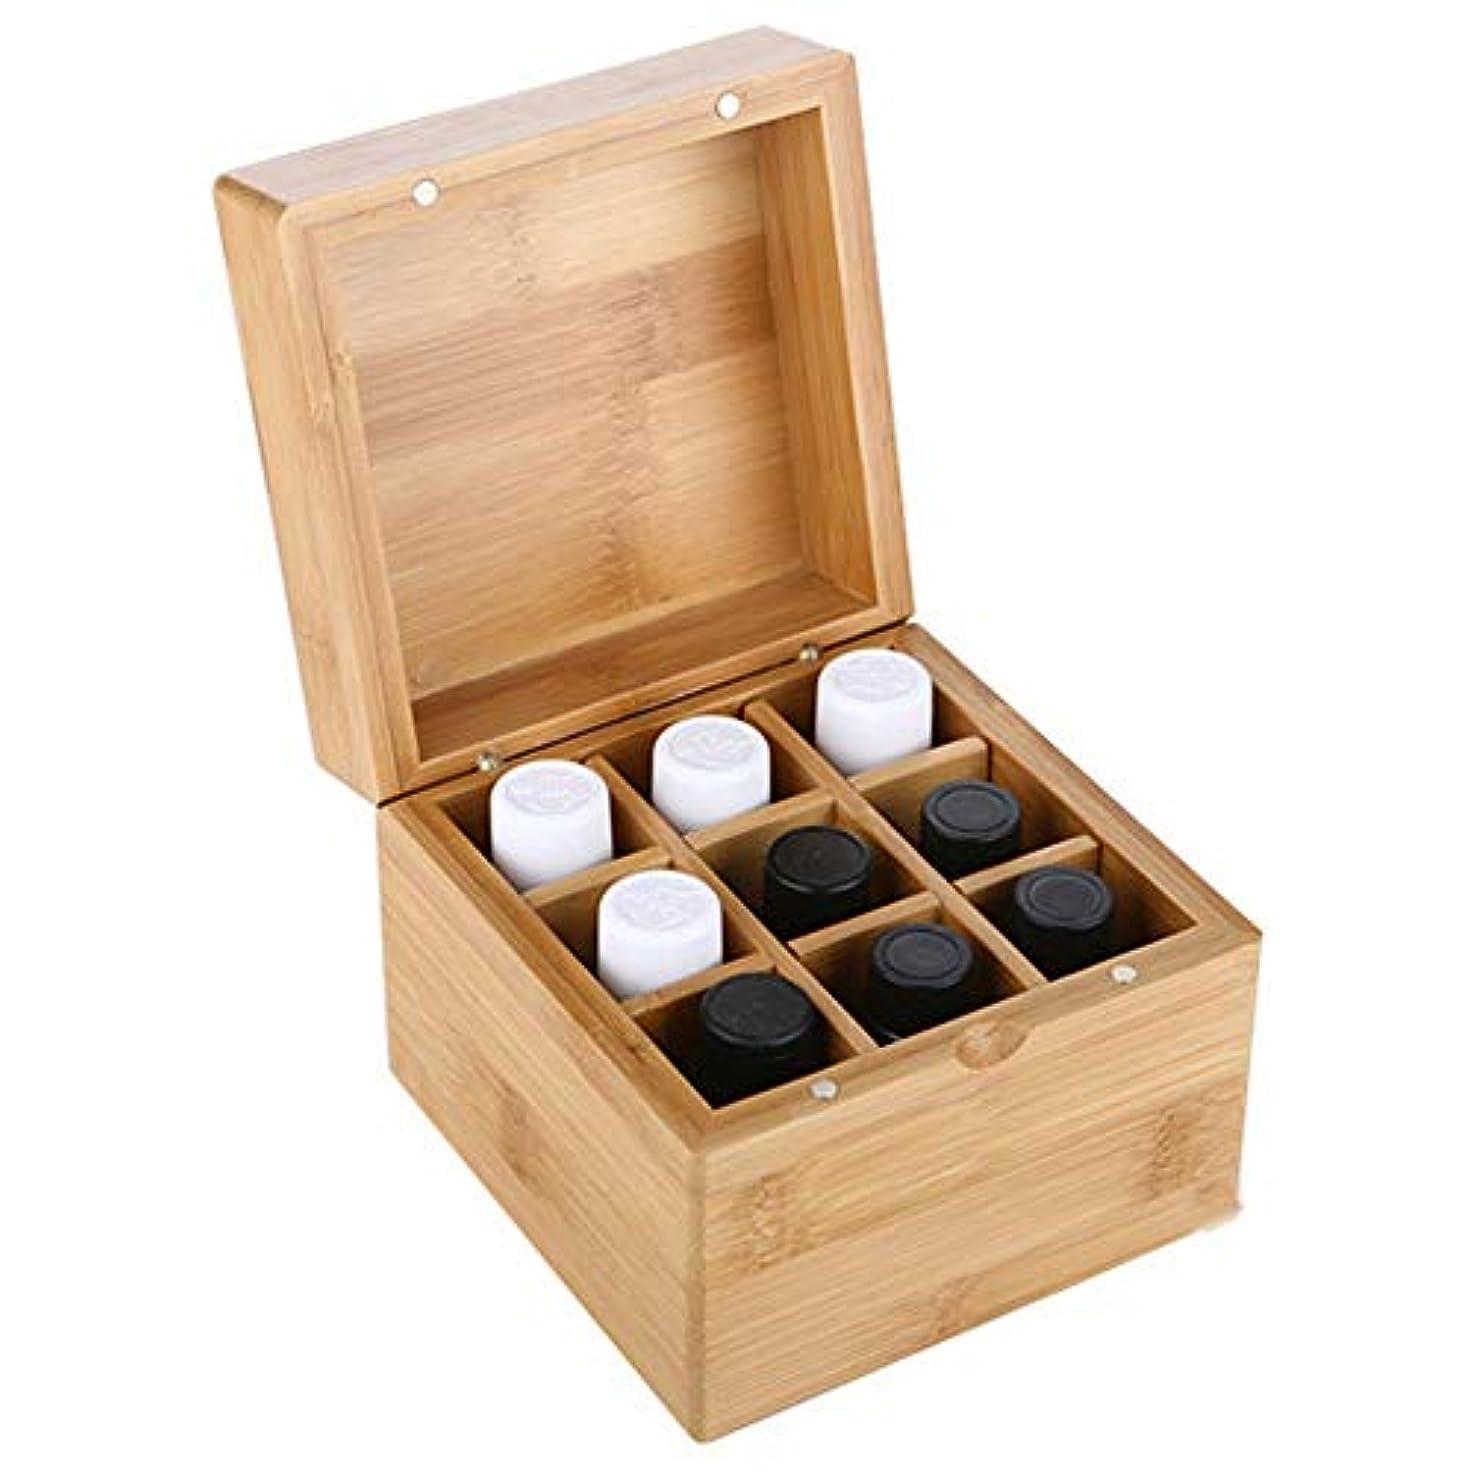 五月気配りのある船乗りエッセンシャルオイル収納ボックス 9スロットエッセンシャルオイルボックス木製収納ケースは、あなたの油安全保護11.5x11.5x8.3cmをキープ保護します (色 : Natural, サイズ : 11.5X11.5X8.3CM)